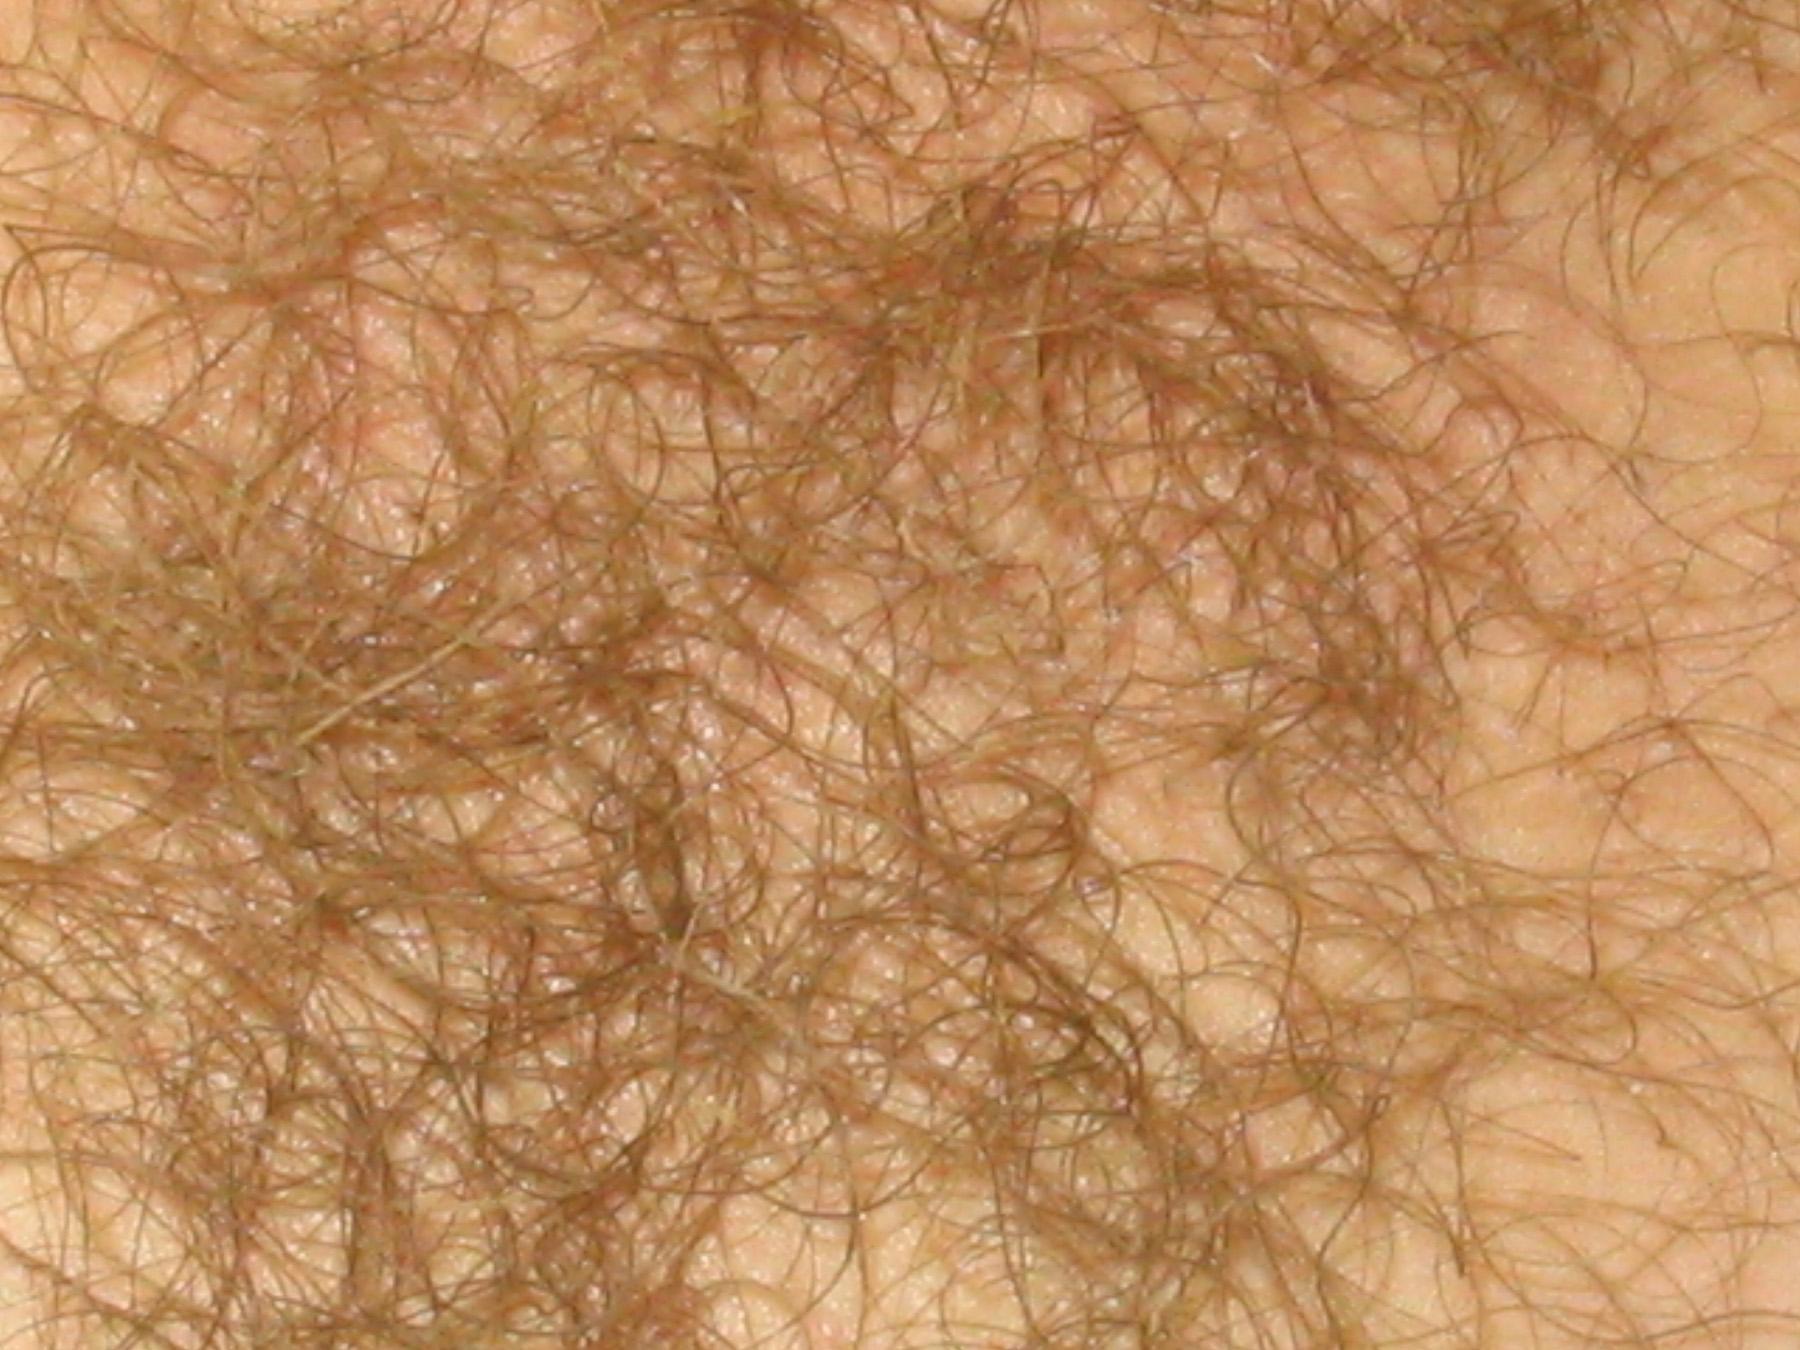 Фото пробиваются волосики, Волосы торчат из под купальника Случайное фото 1 фотография